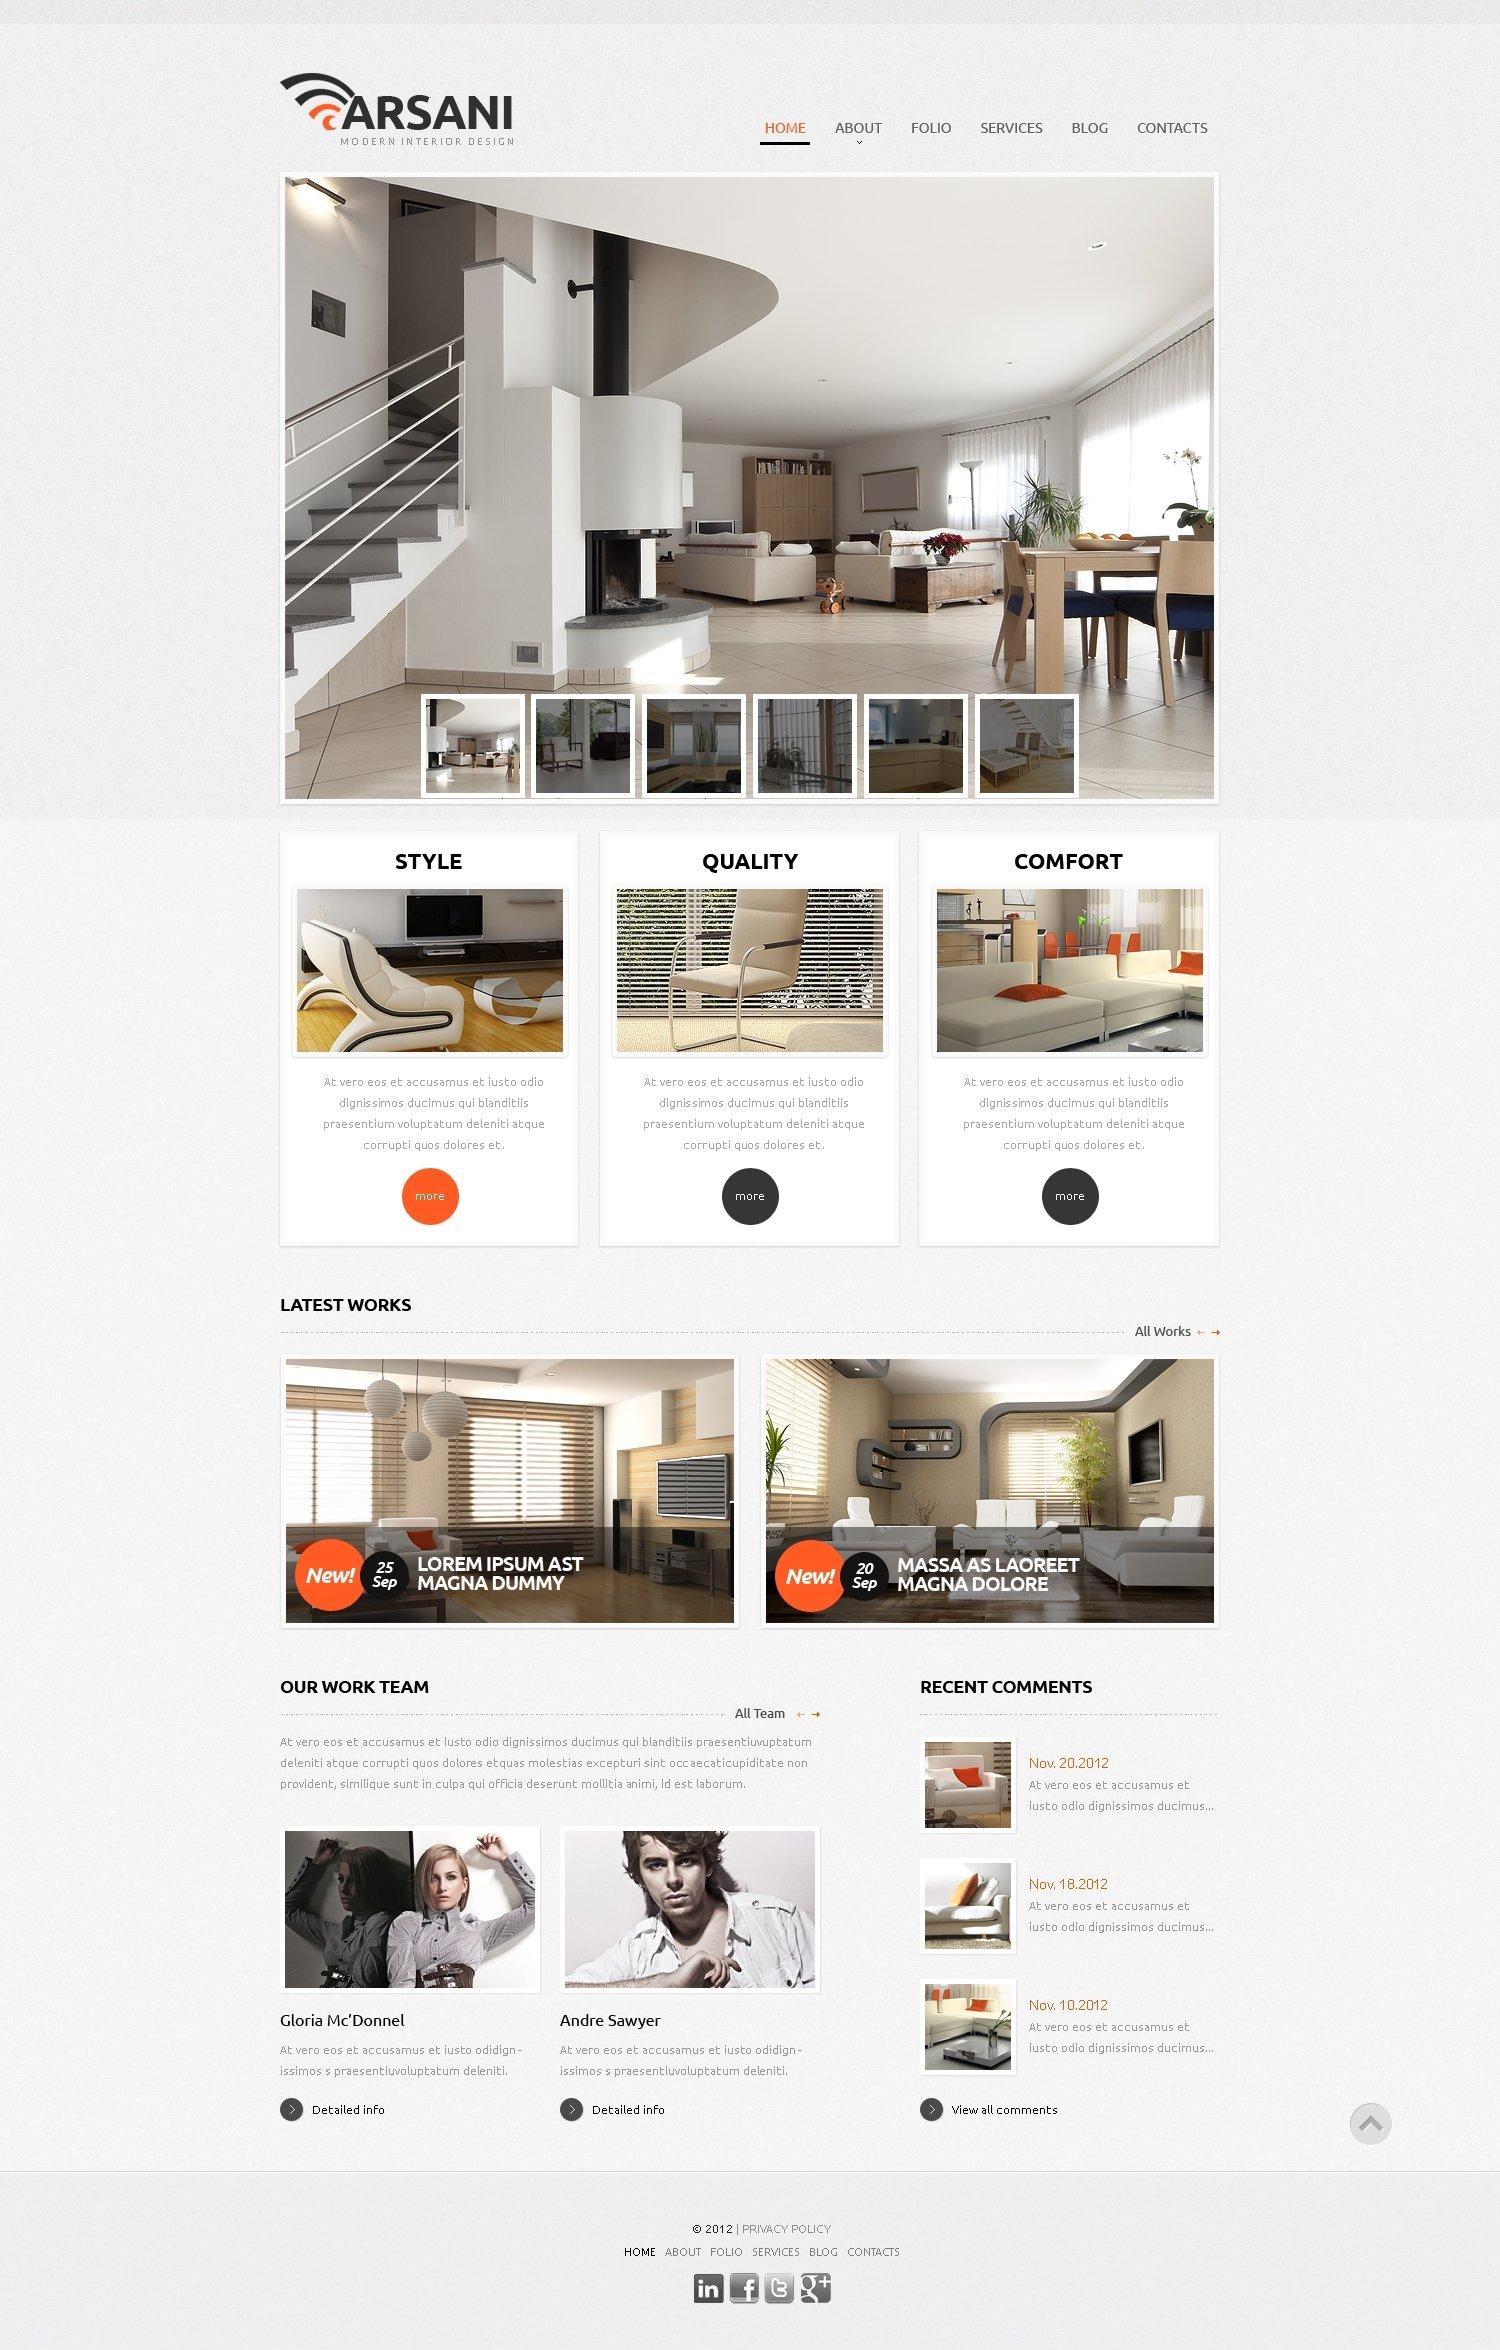 respectable interior design wix website template 46257. Black Bedroom Furniture Sets. Home Design Ideas